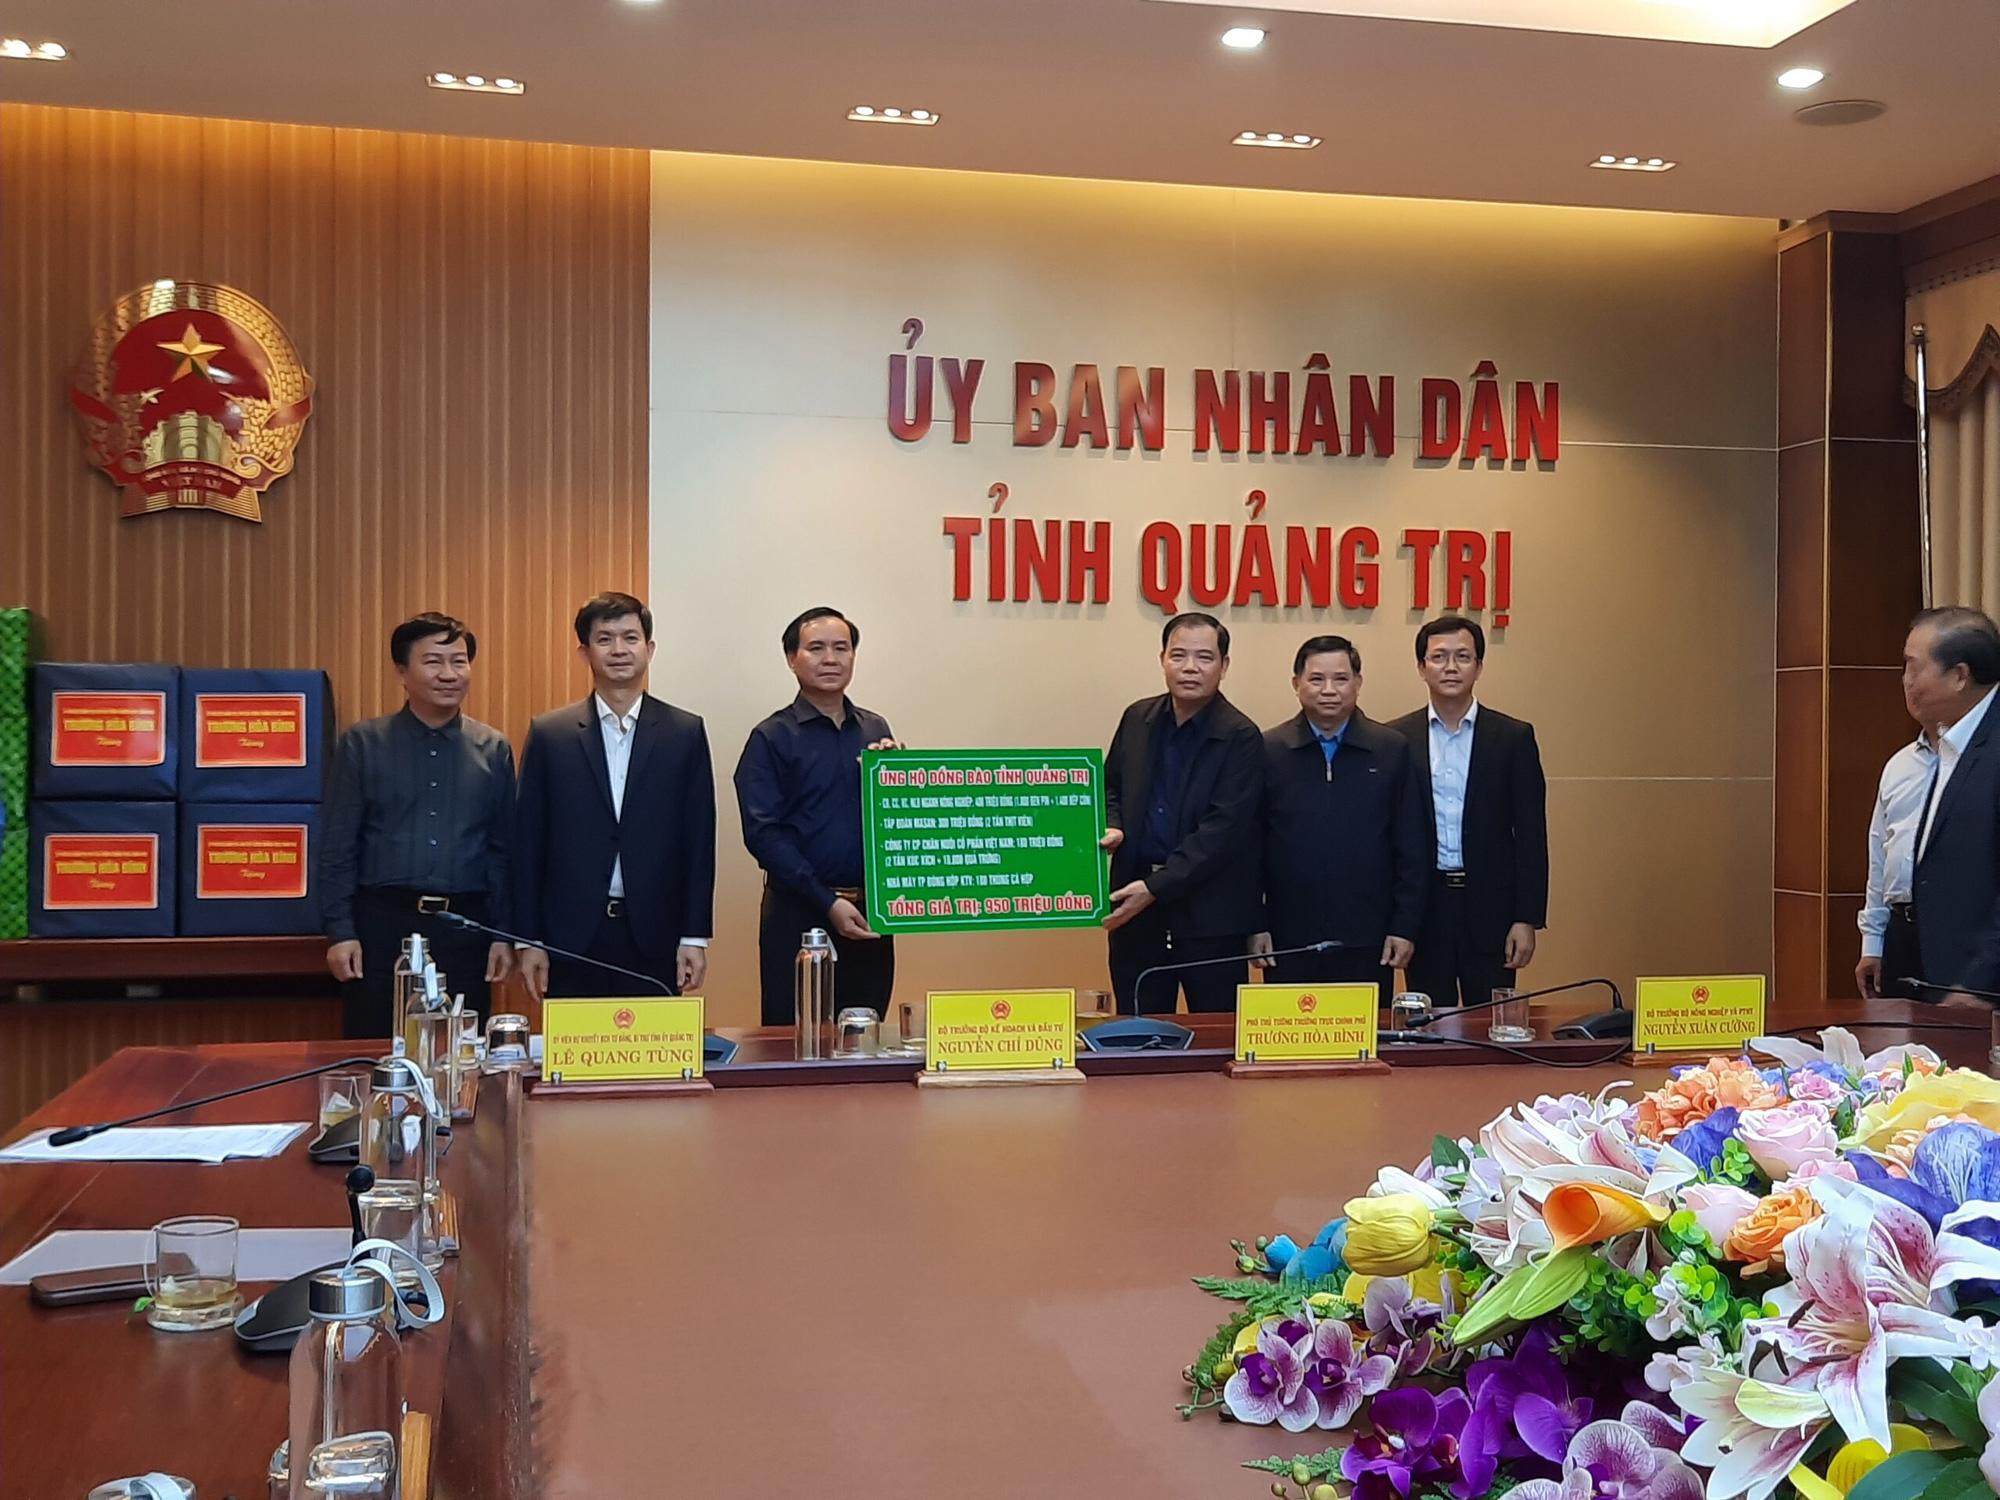 Tập đoàn Masan đóng góp gần 30 tỷ đồng cho các hoạt động an sinh xã hội - Ảnh 2.